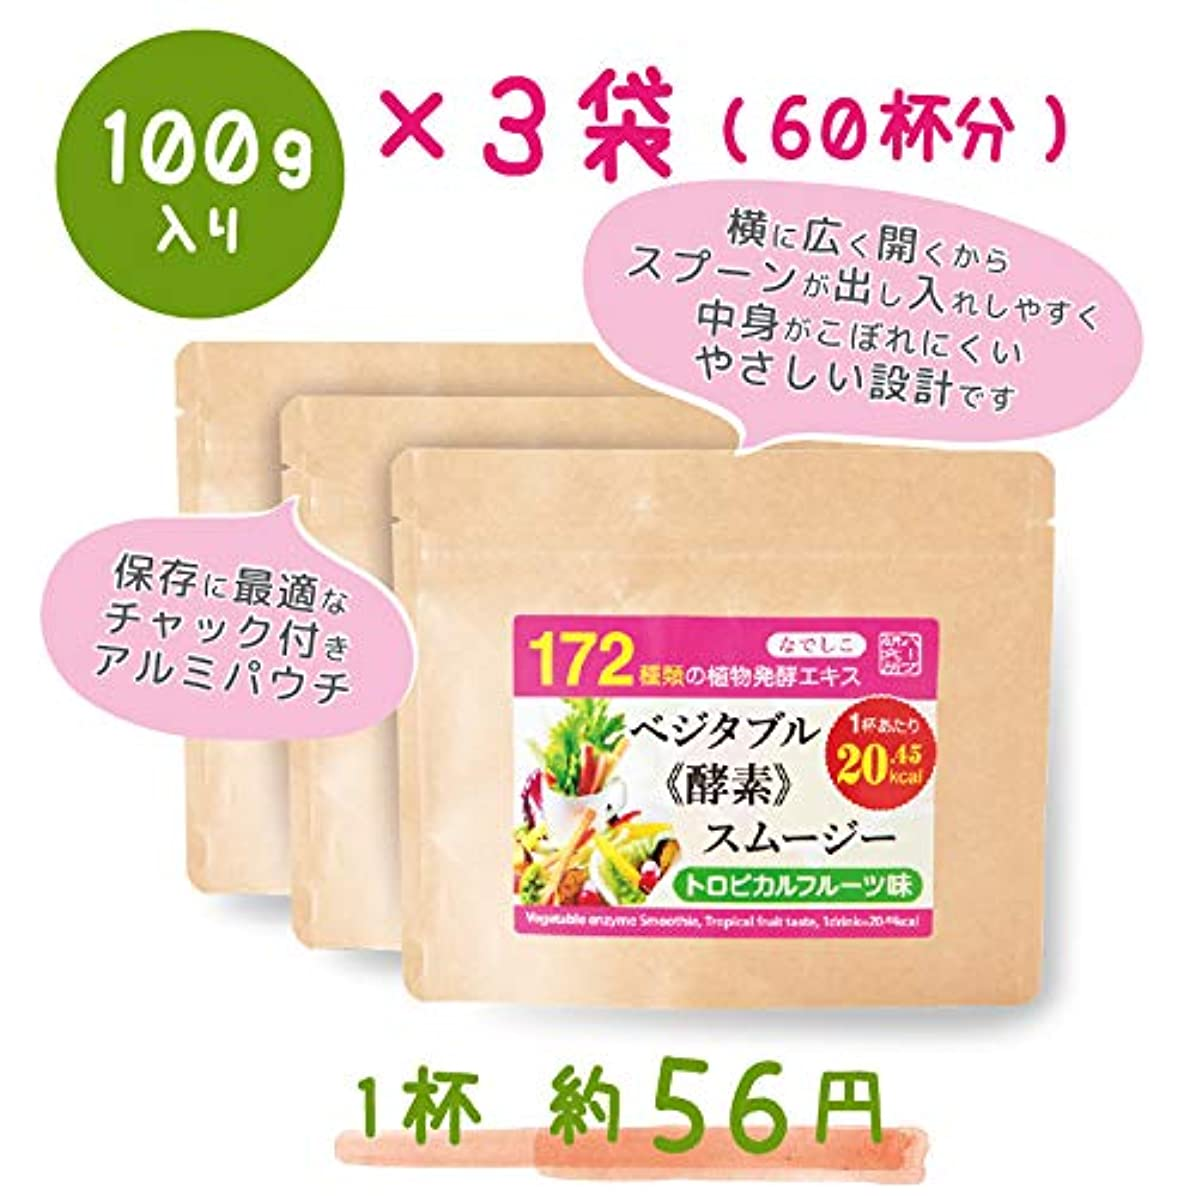 高原報復イソギンチャクなでしこ ベジタブル酵素入り グリーンスムージー(トロピカルフルーツ味)300g (100g×3パック)で20%OFF